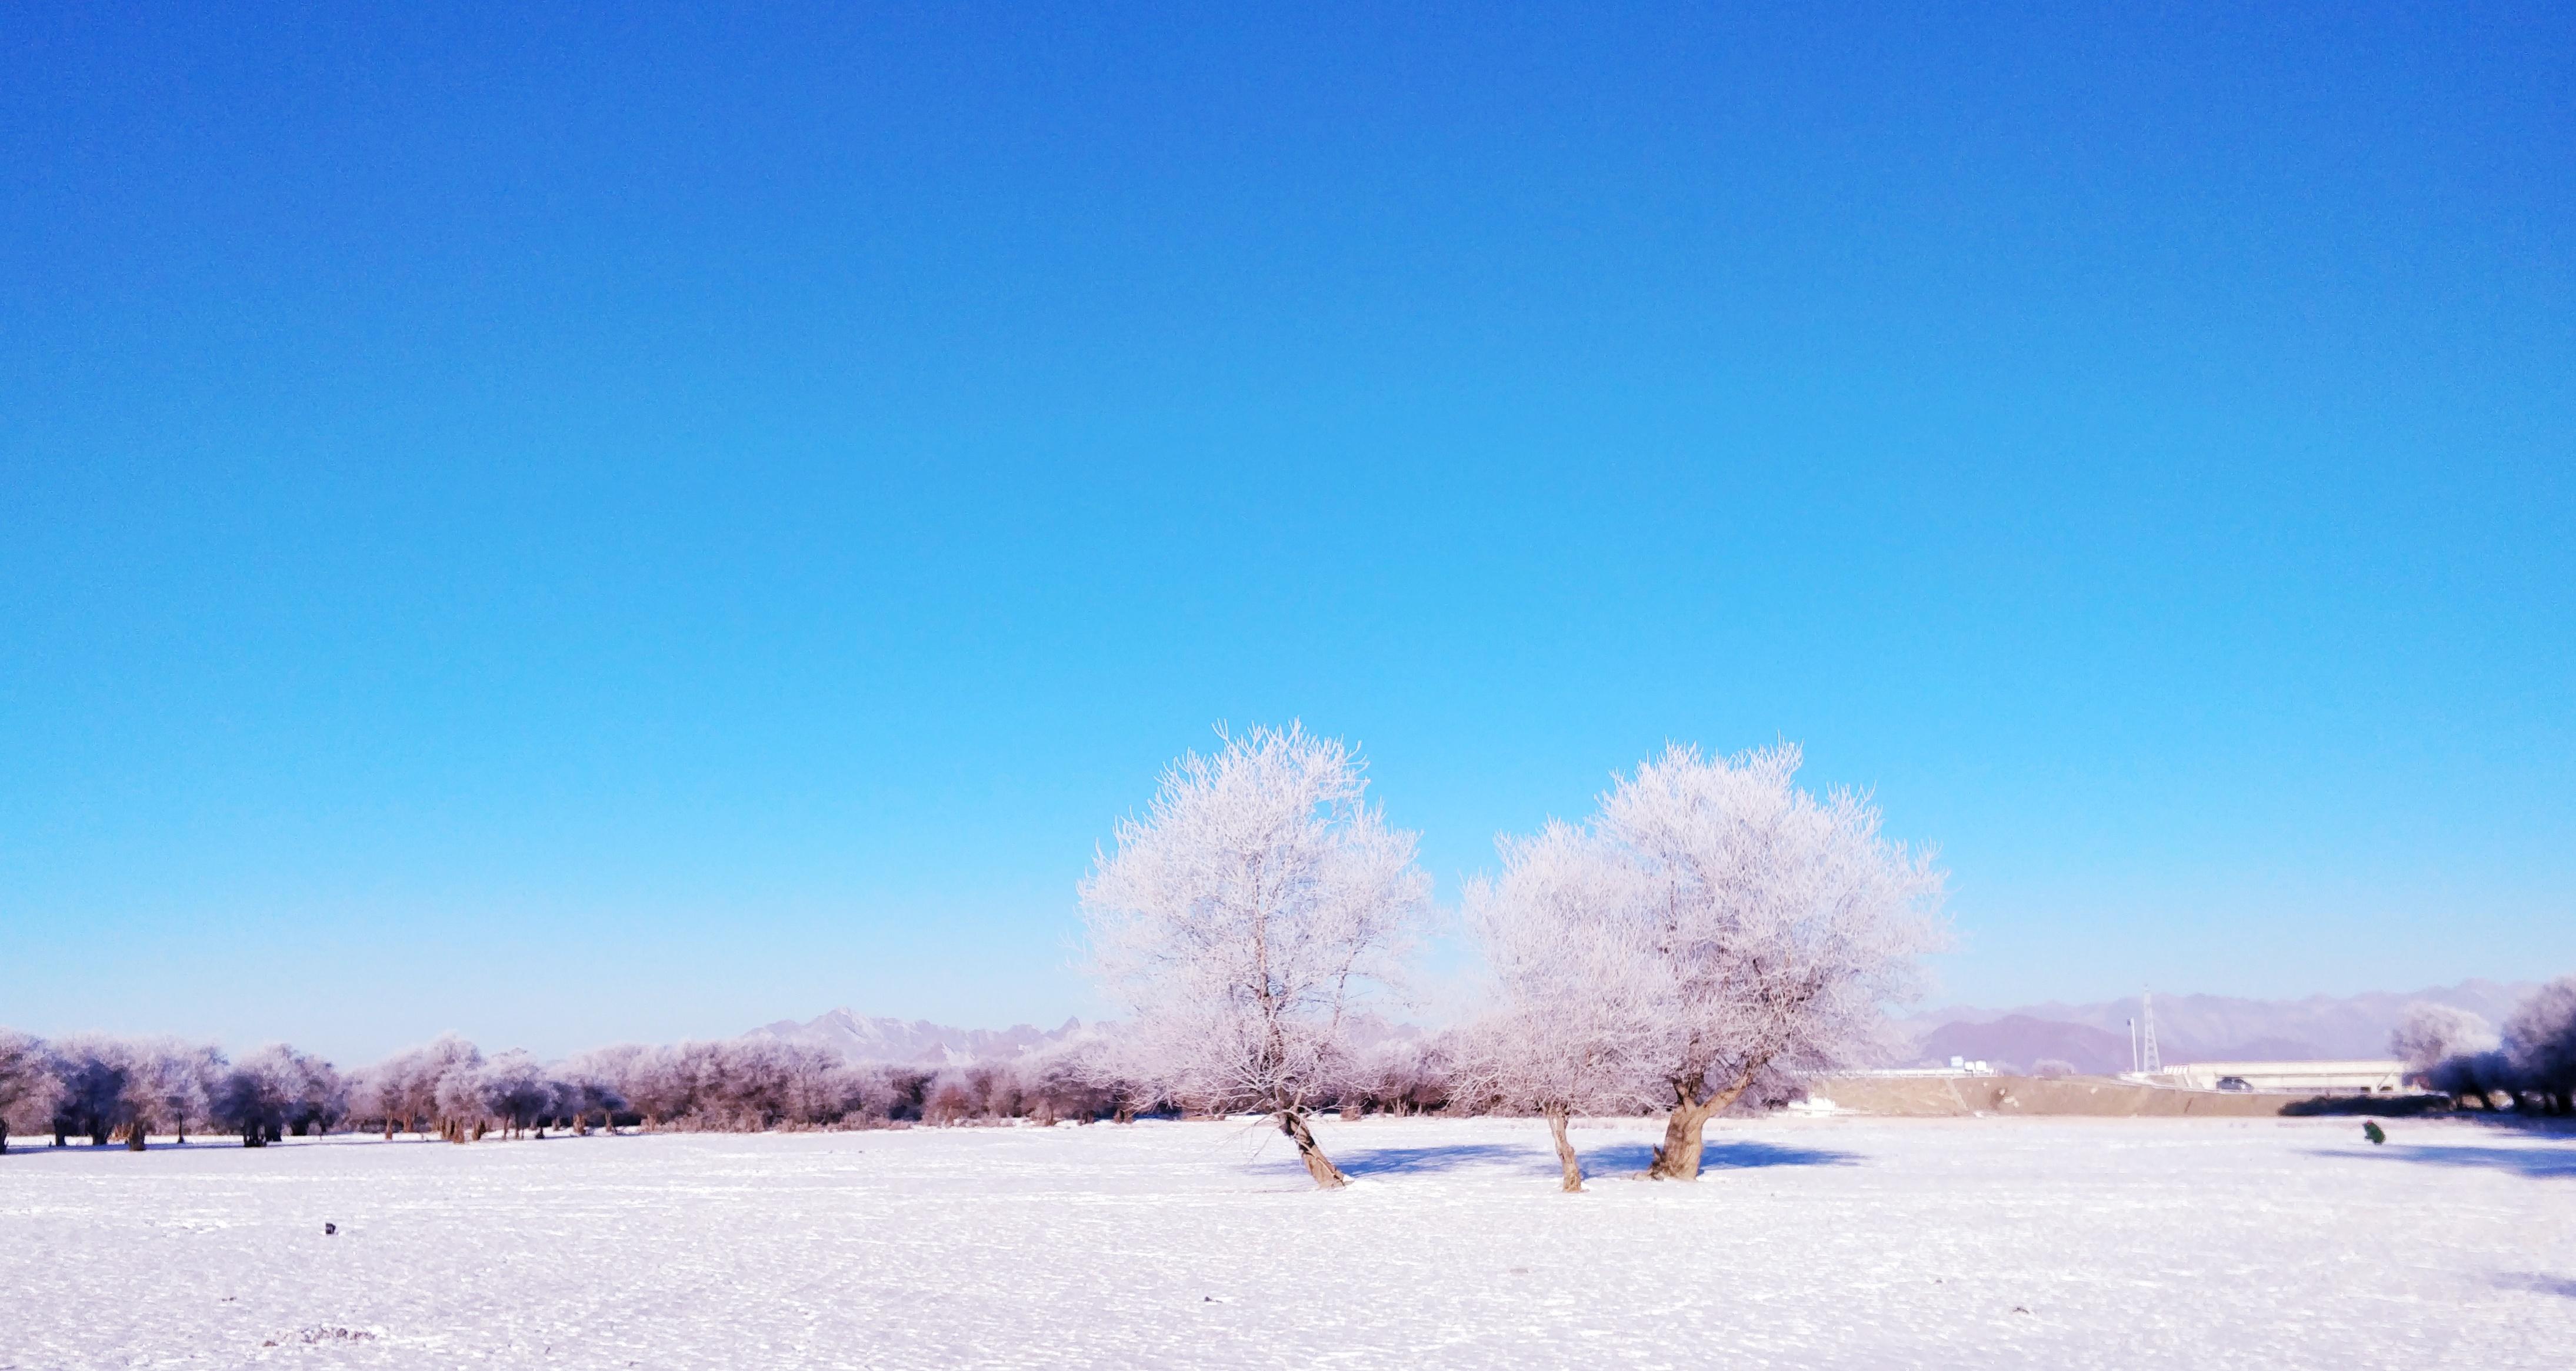 雪景36.jpg